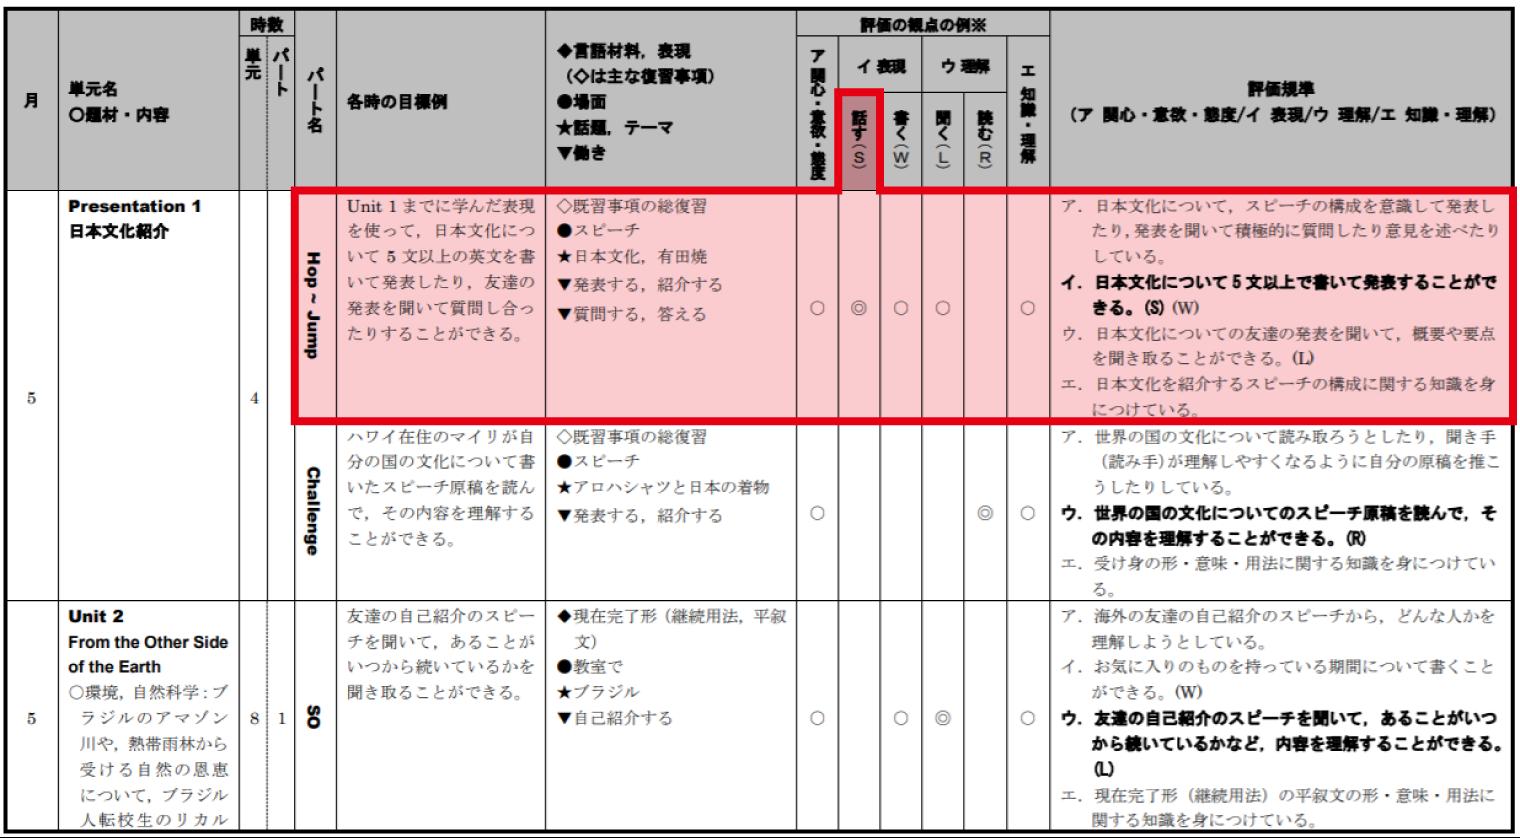 東京書籍 中学3年生 NEW HORIZON 指導計画作成資料